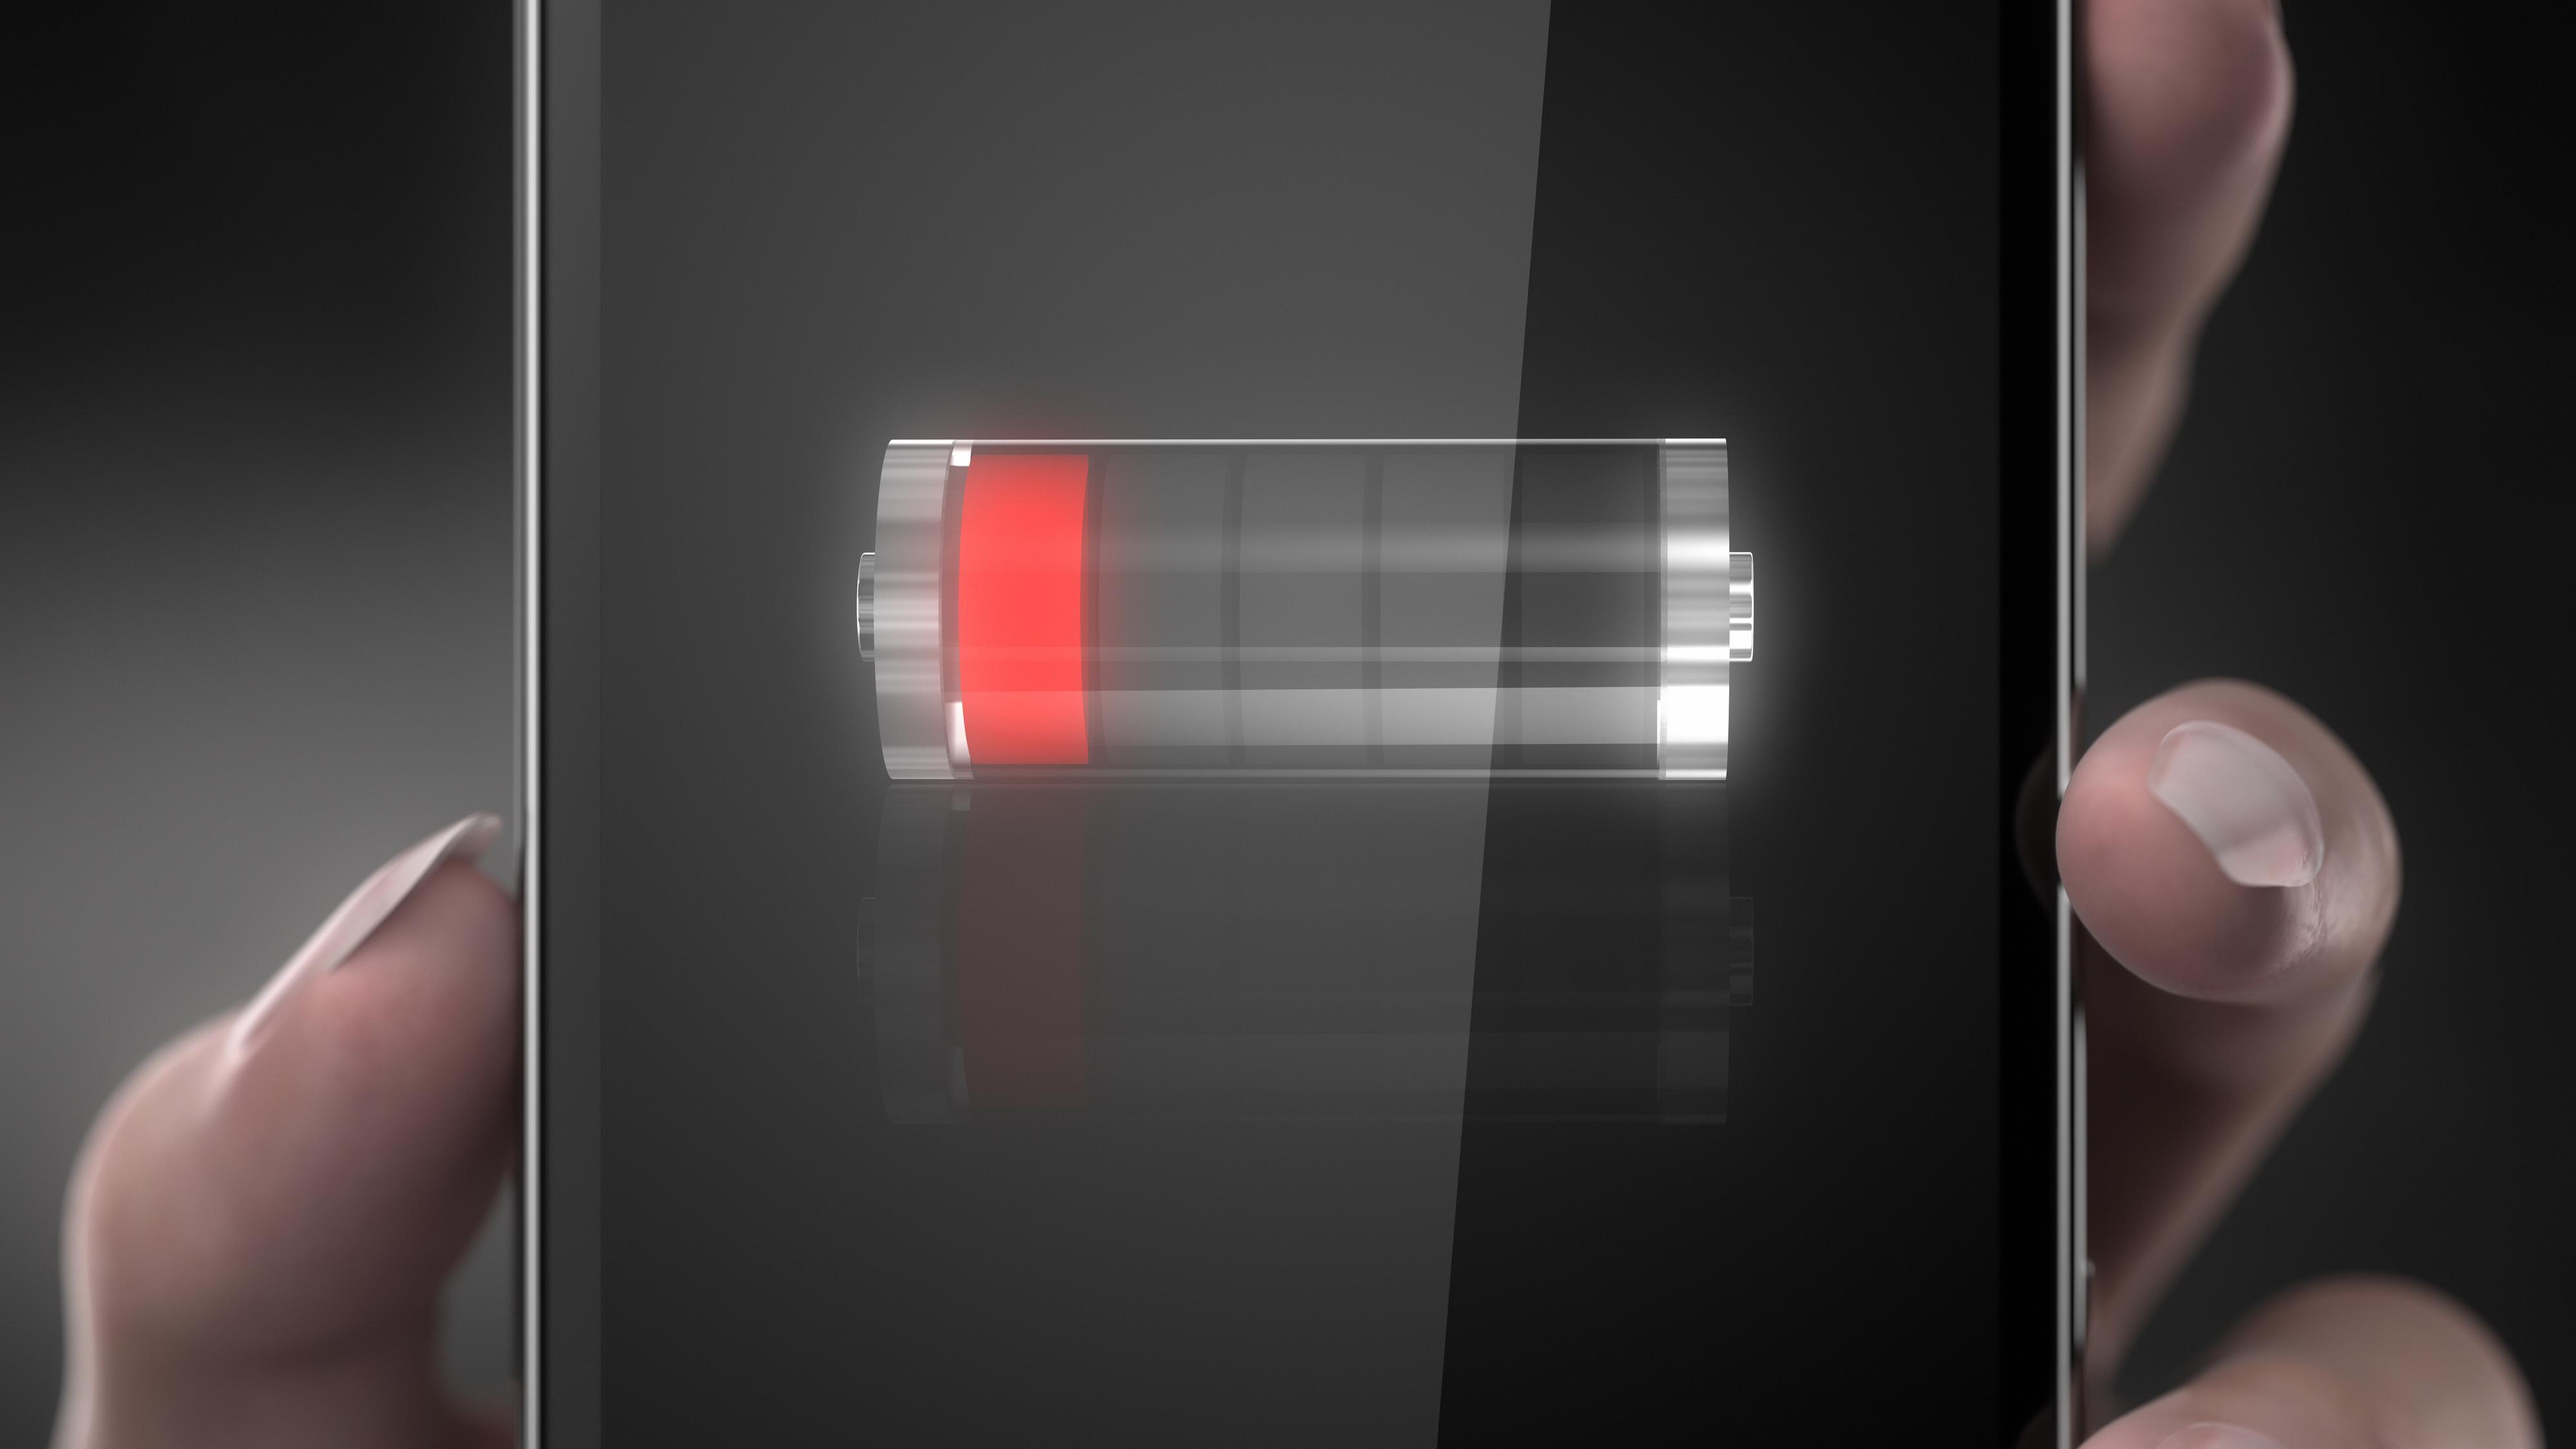 Snart kan mobilbatteriene få dobbelt så høy kapasitet